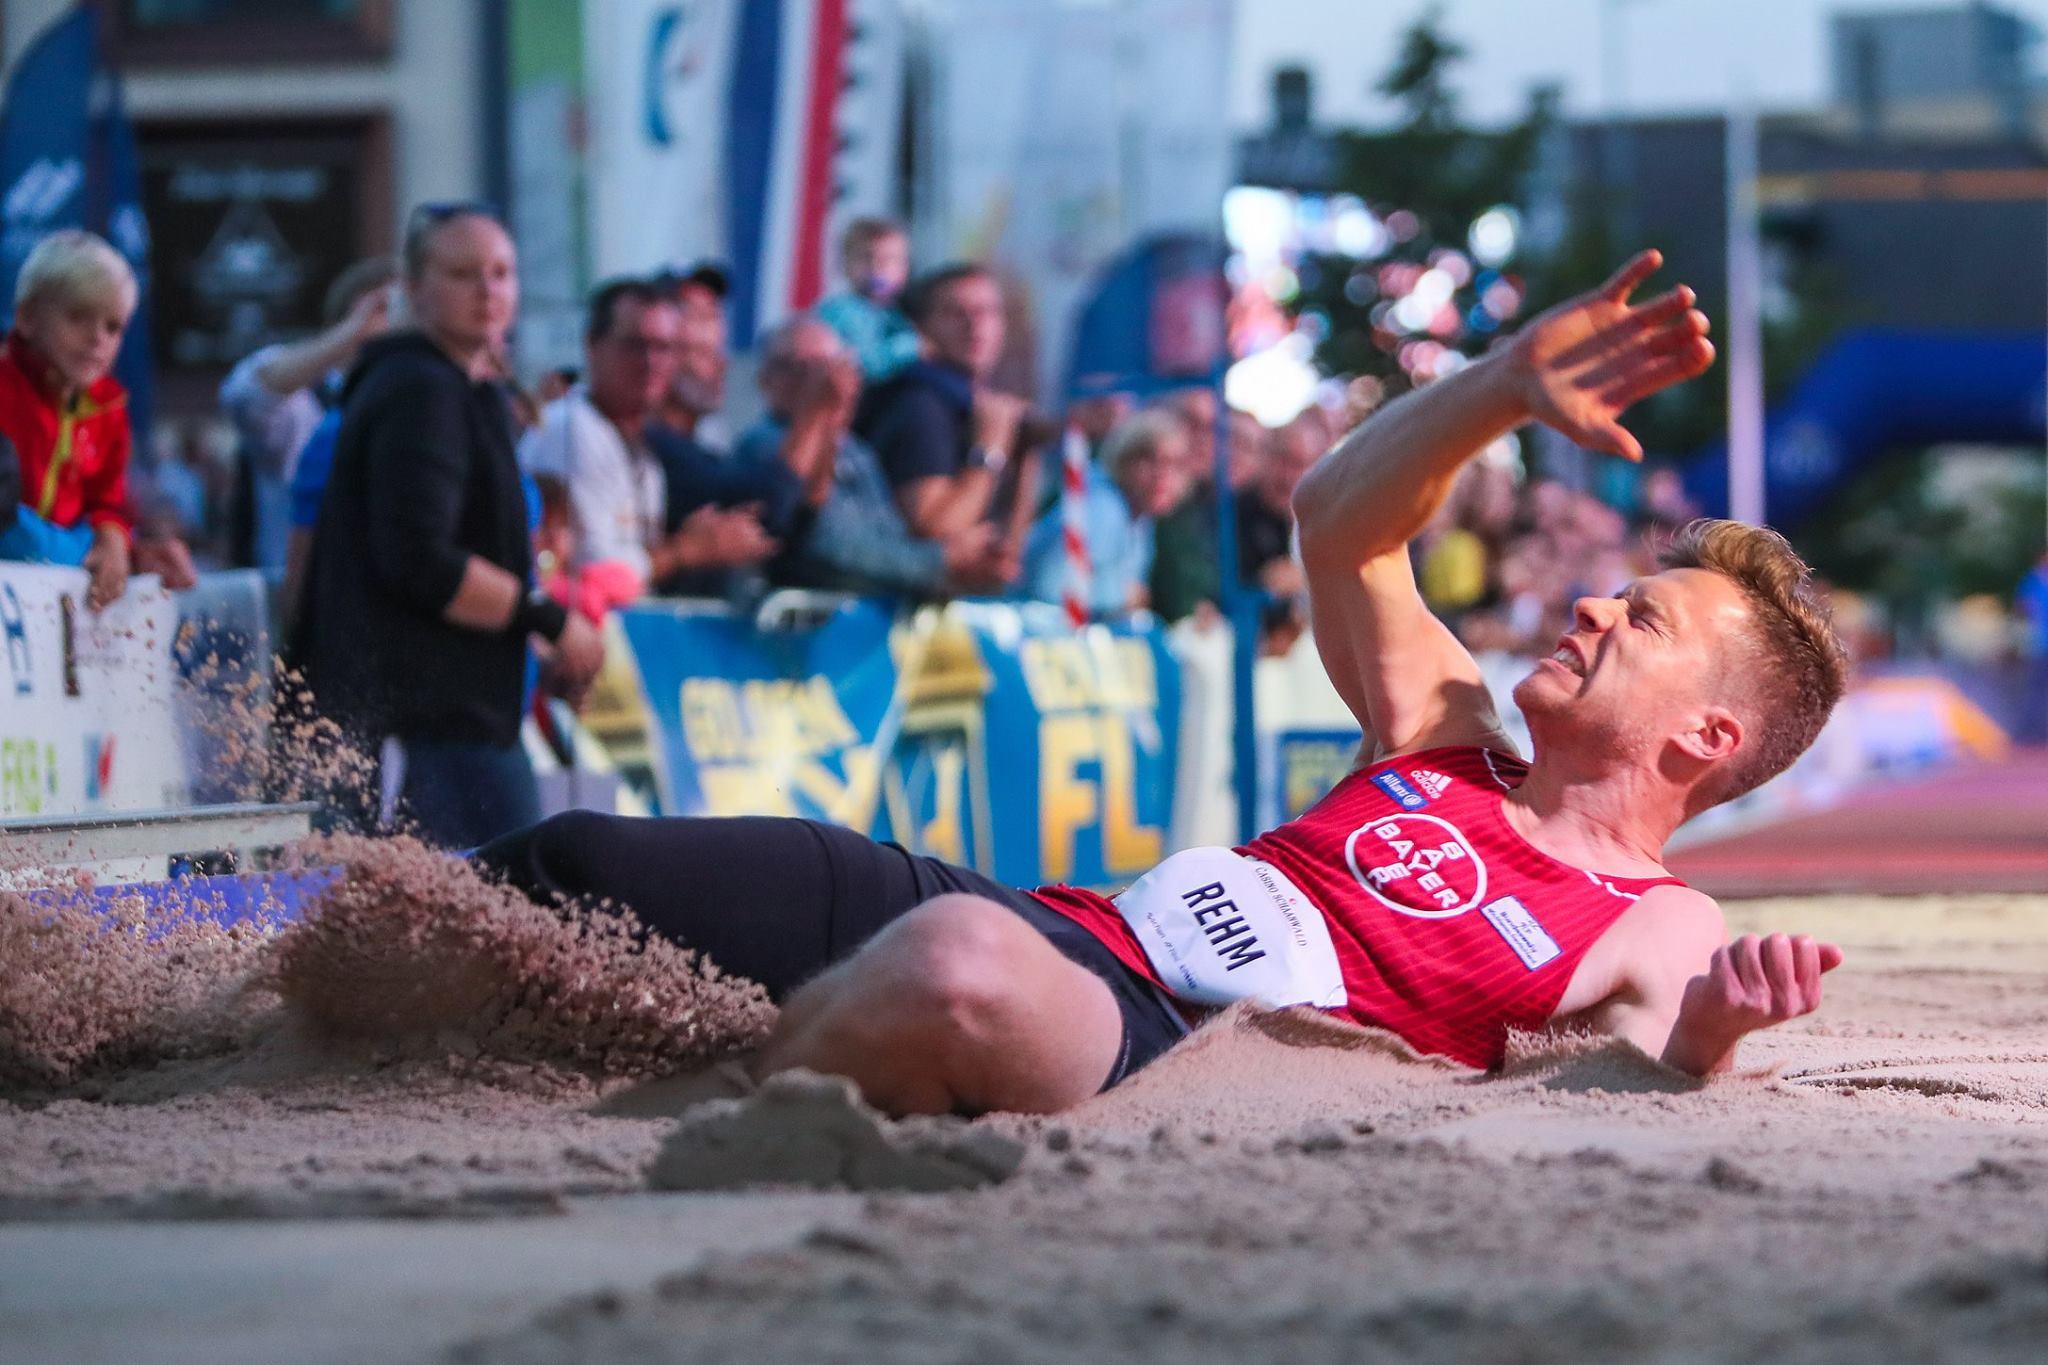 winnerlong jump men Markus Rehm GER.jpg